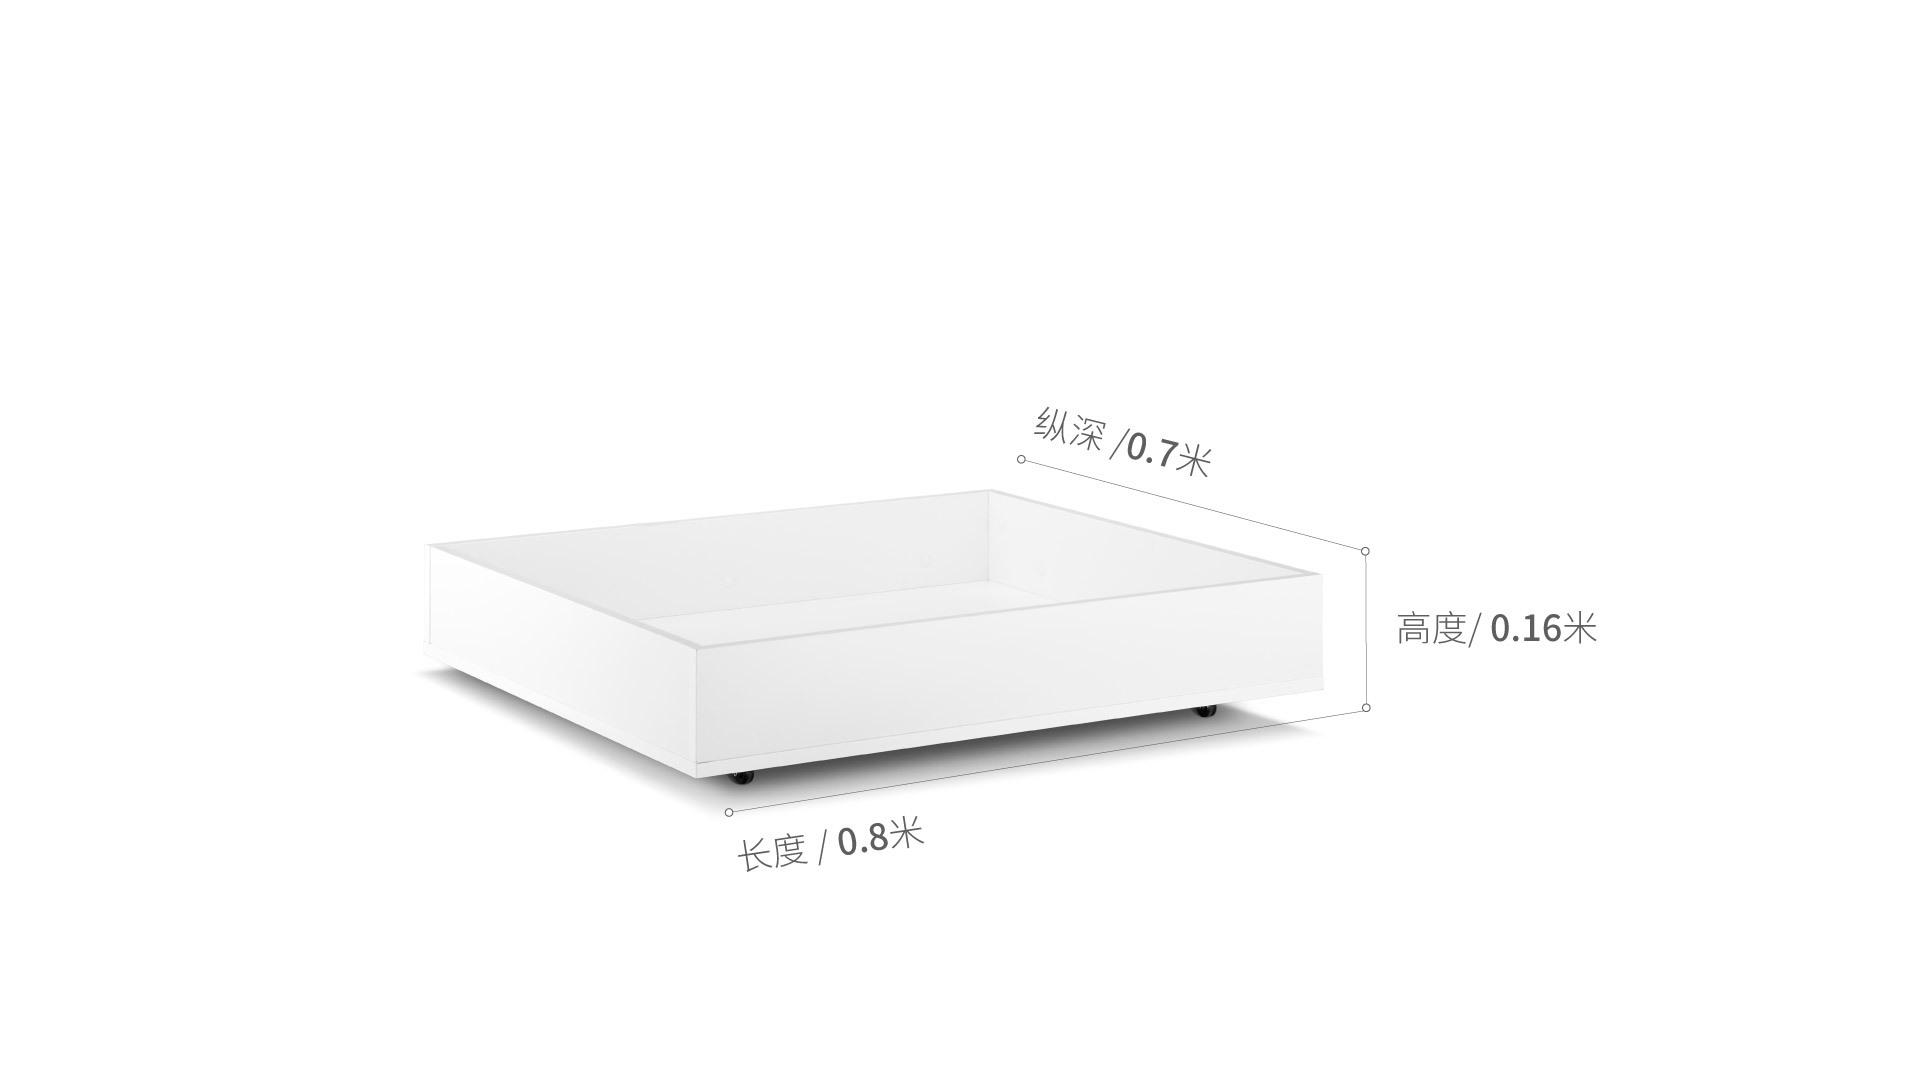 软糖床®床下储物盒床·床具效果图